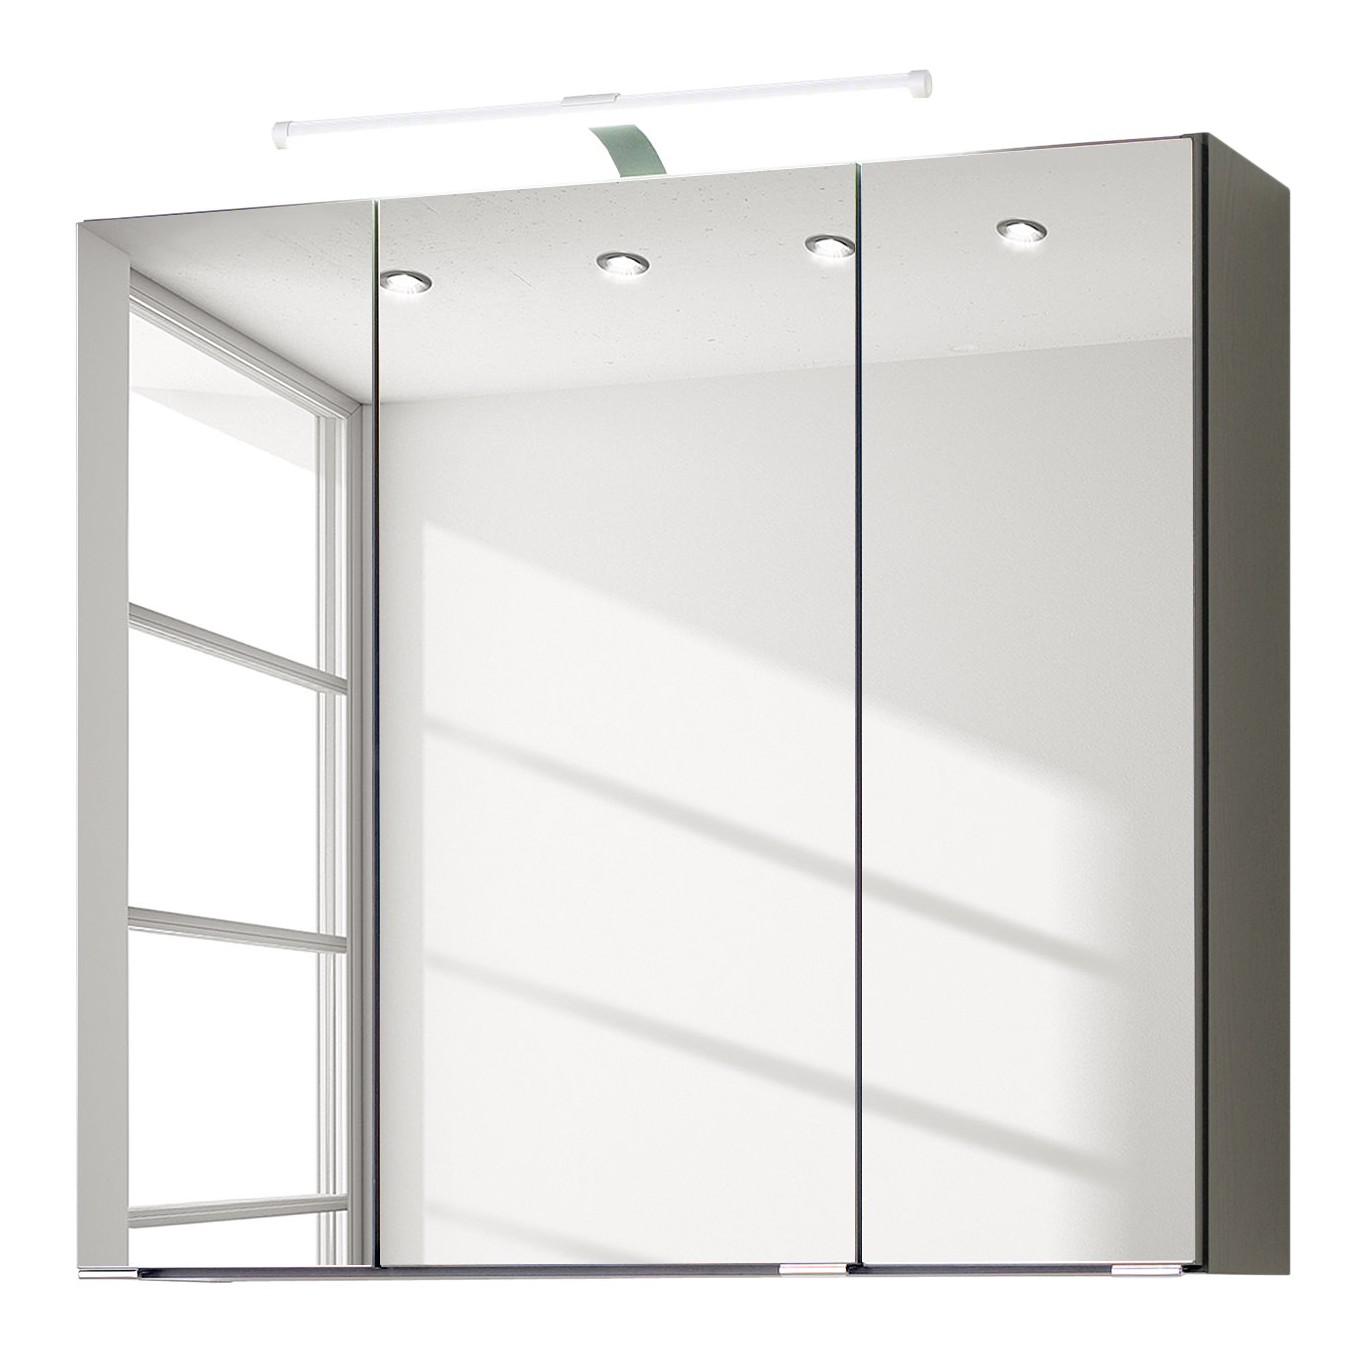 spiegelschrank bad 70 cm preisvergleich die besten angebote online kaufen. Black Bedroom Furniture Sets. Home Design Ideas